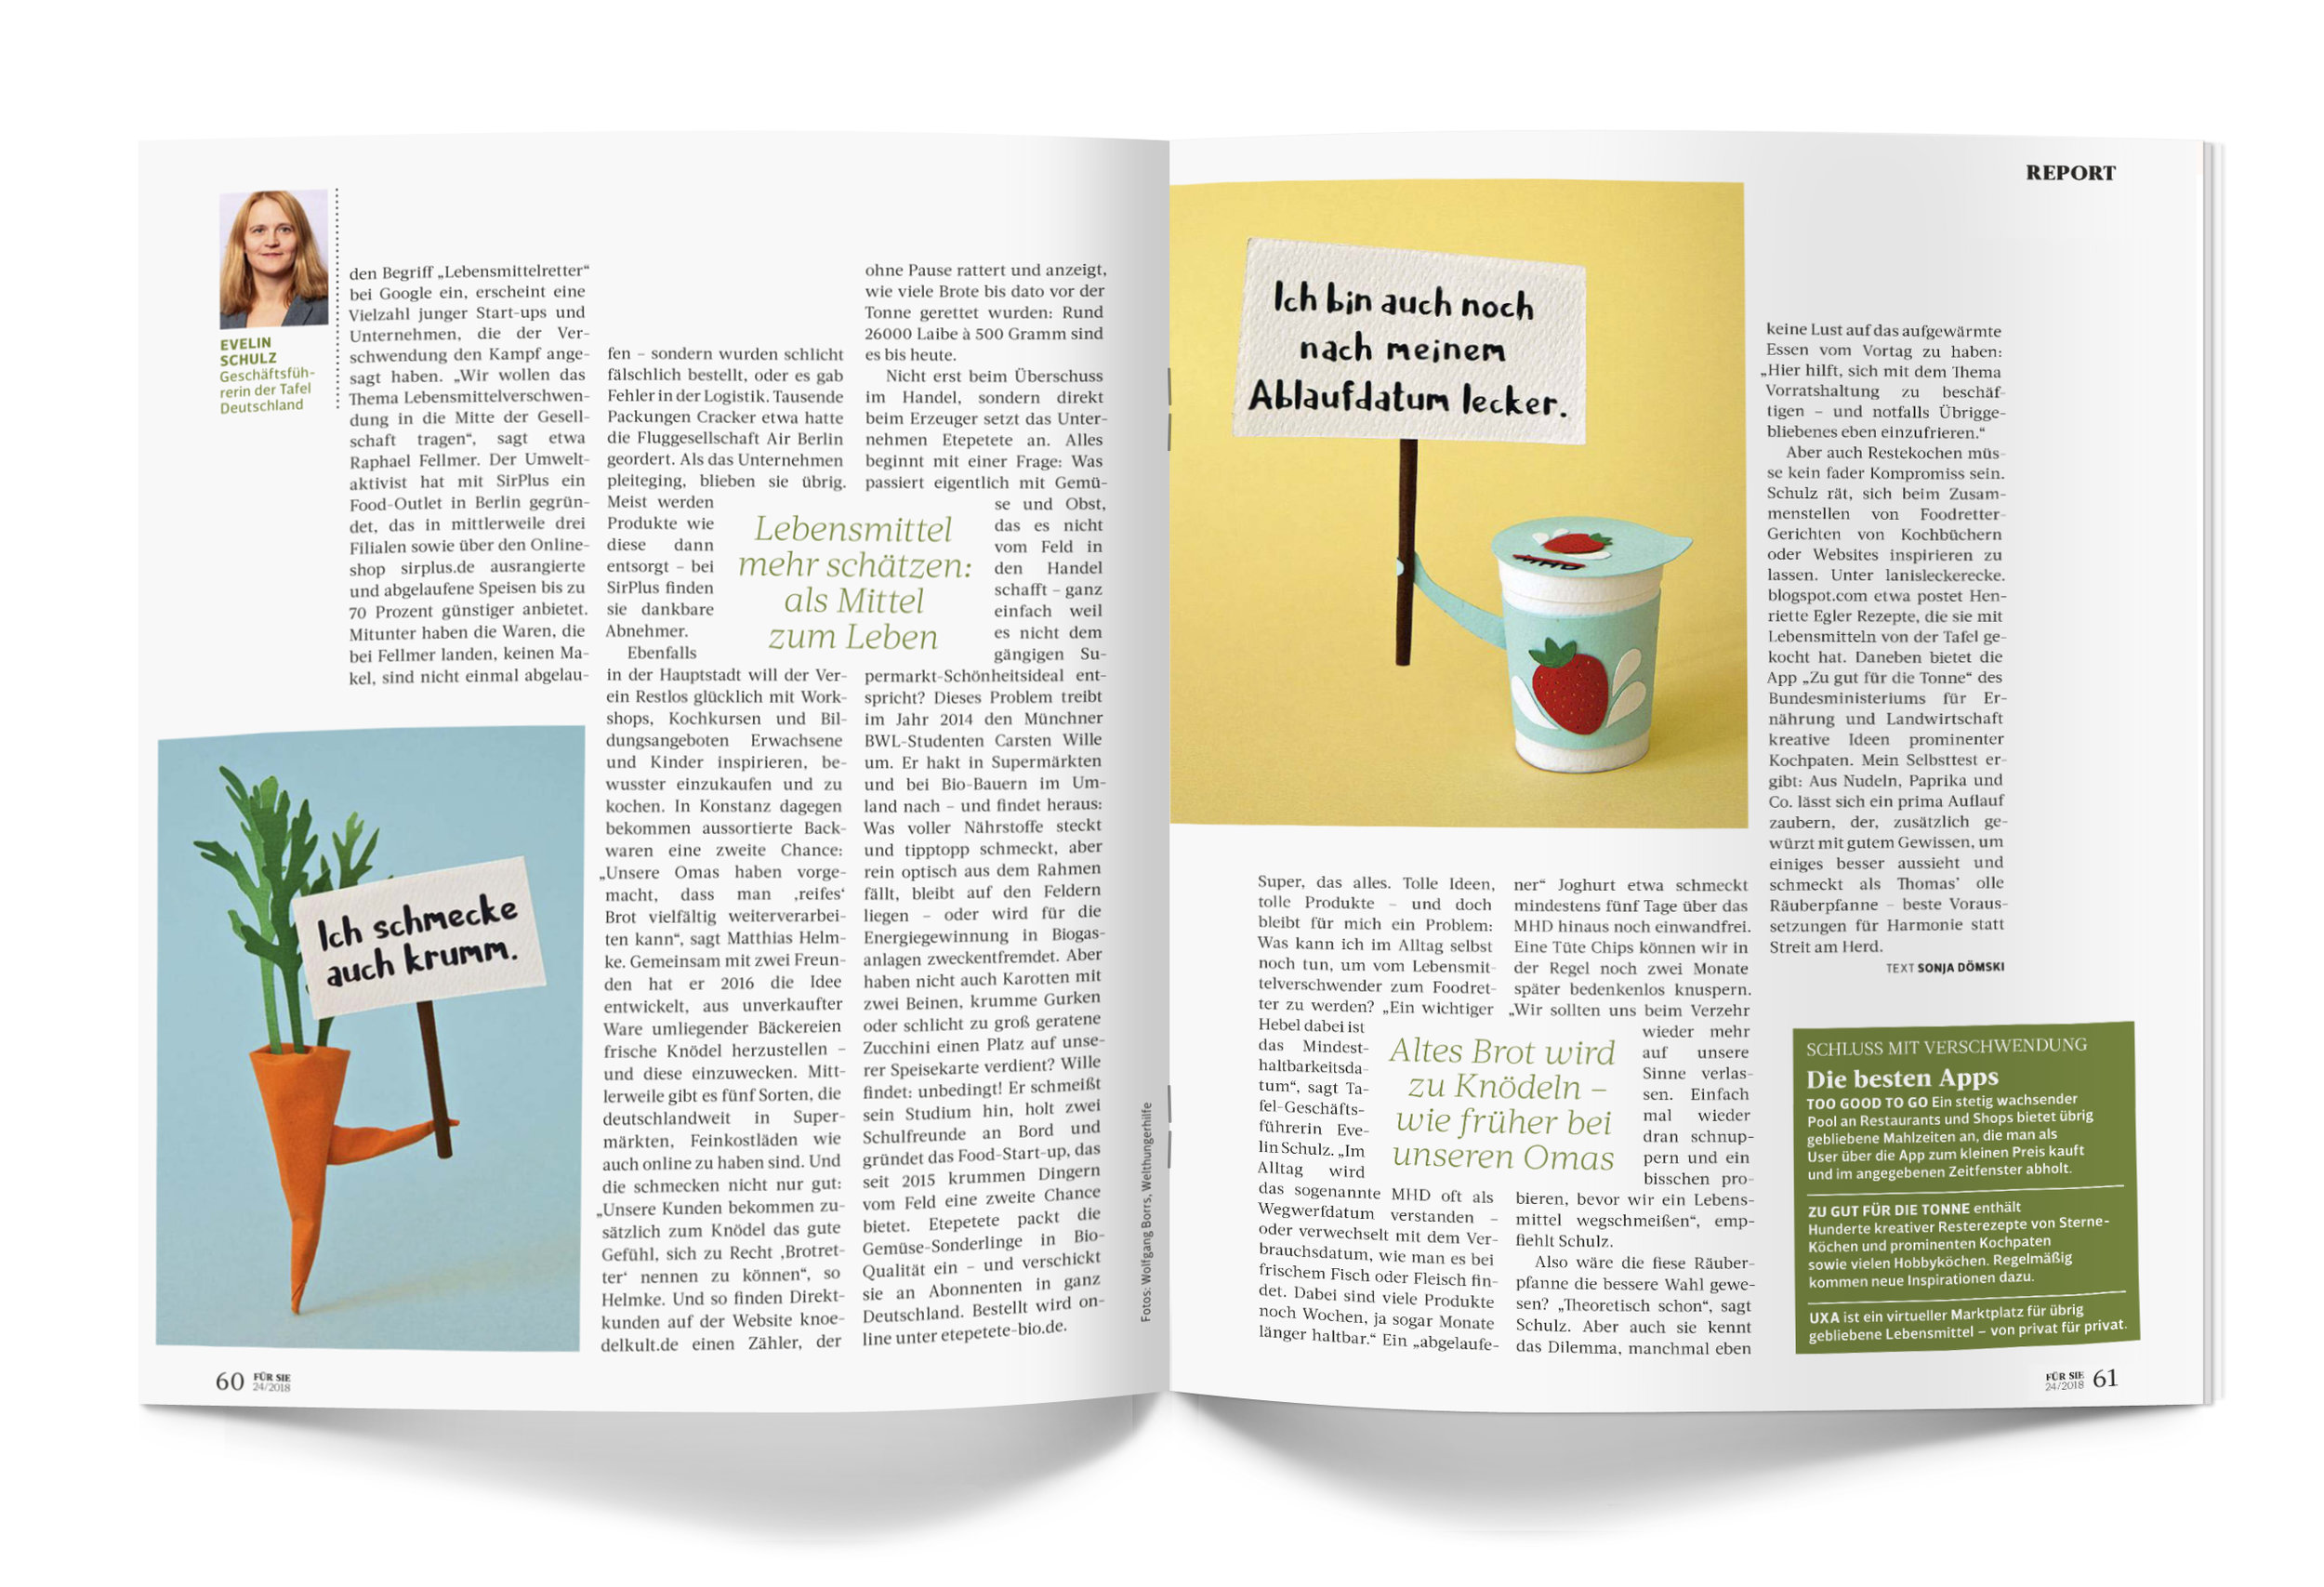 für sie magazin foddretter 2.jpg